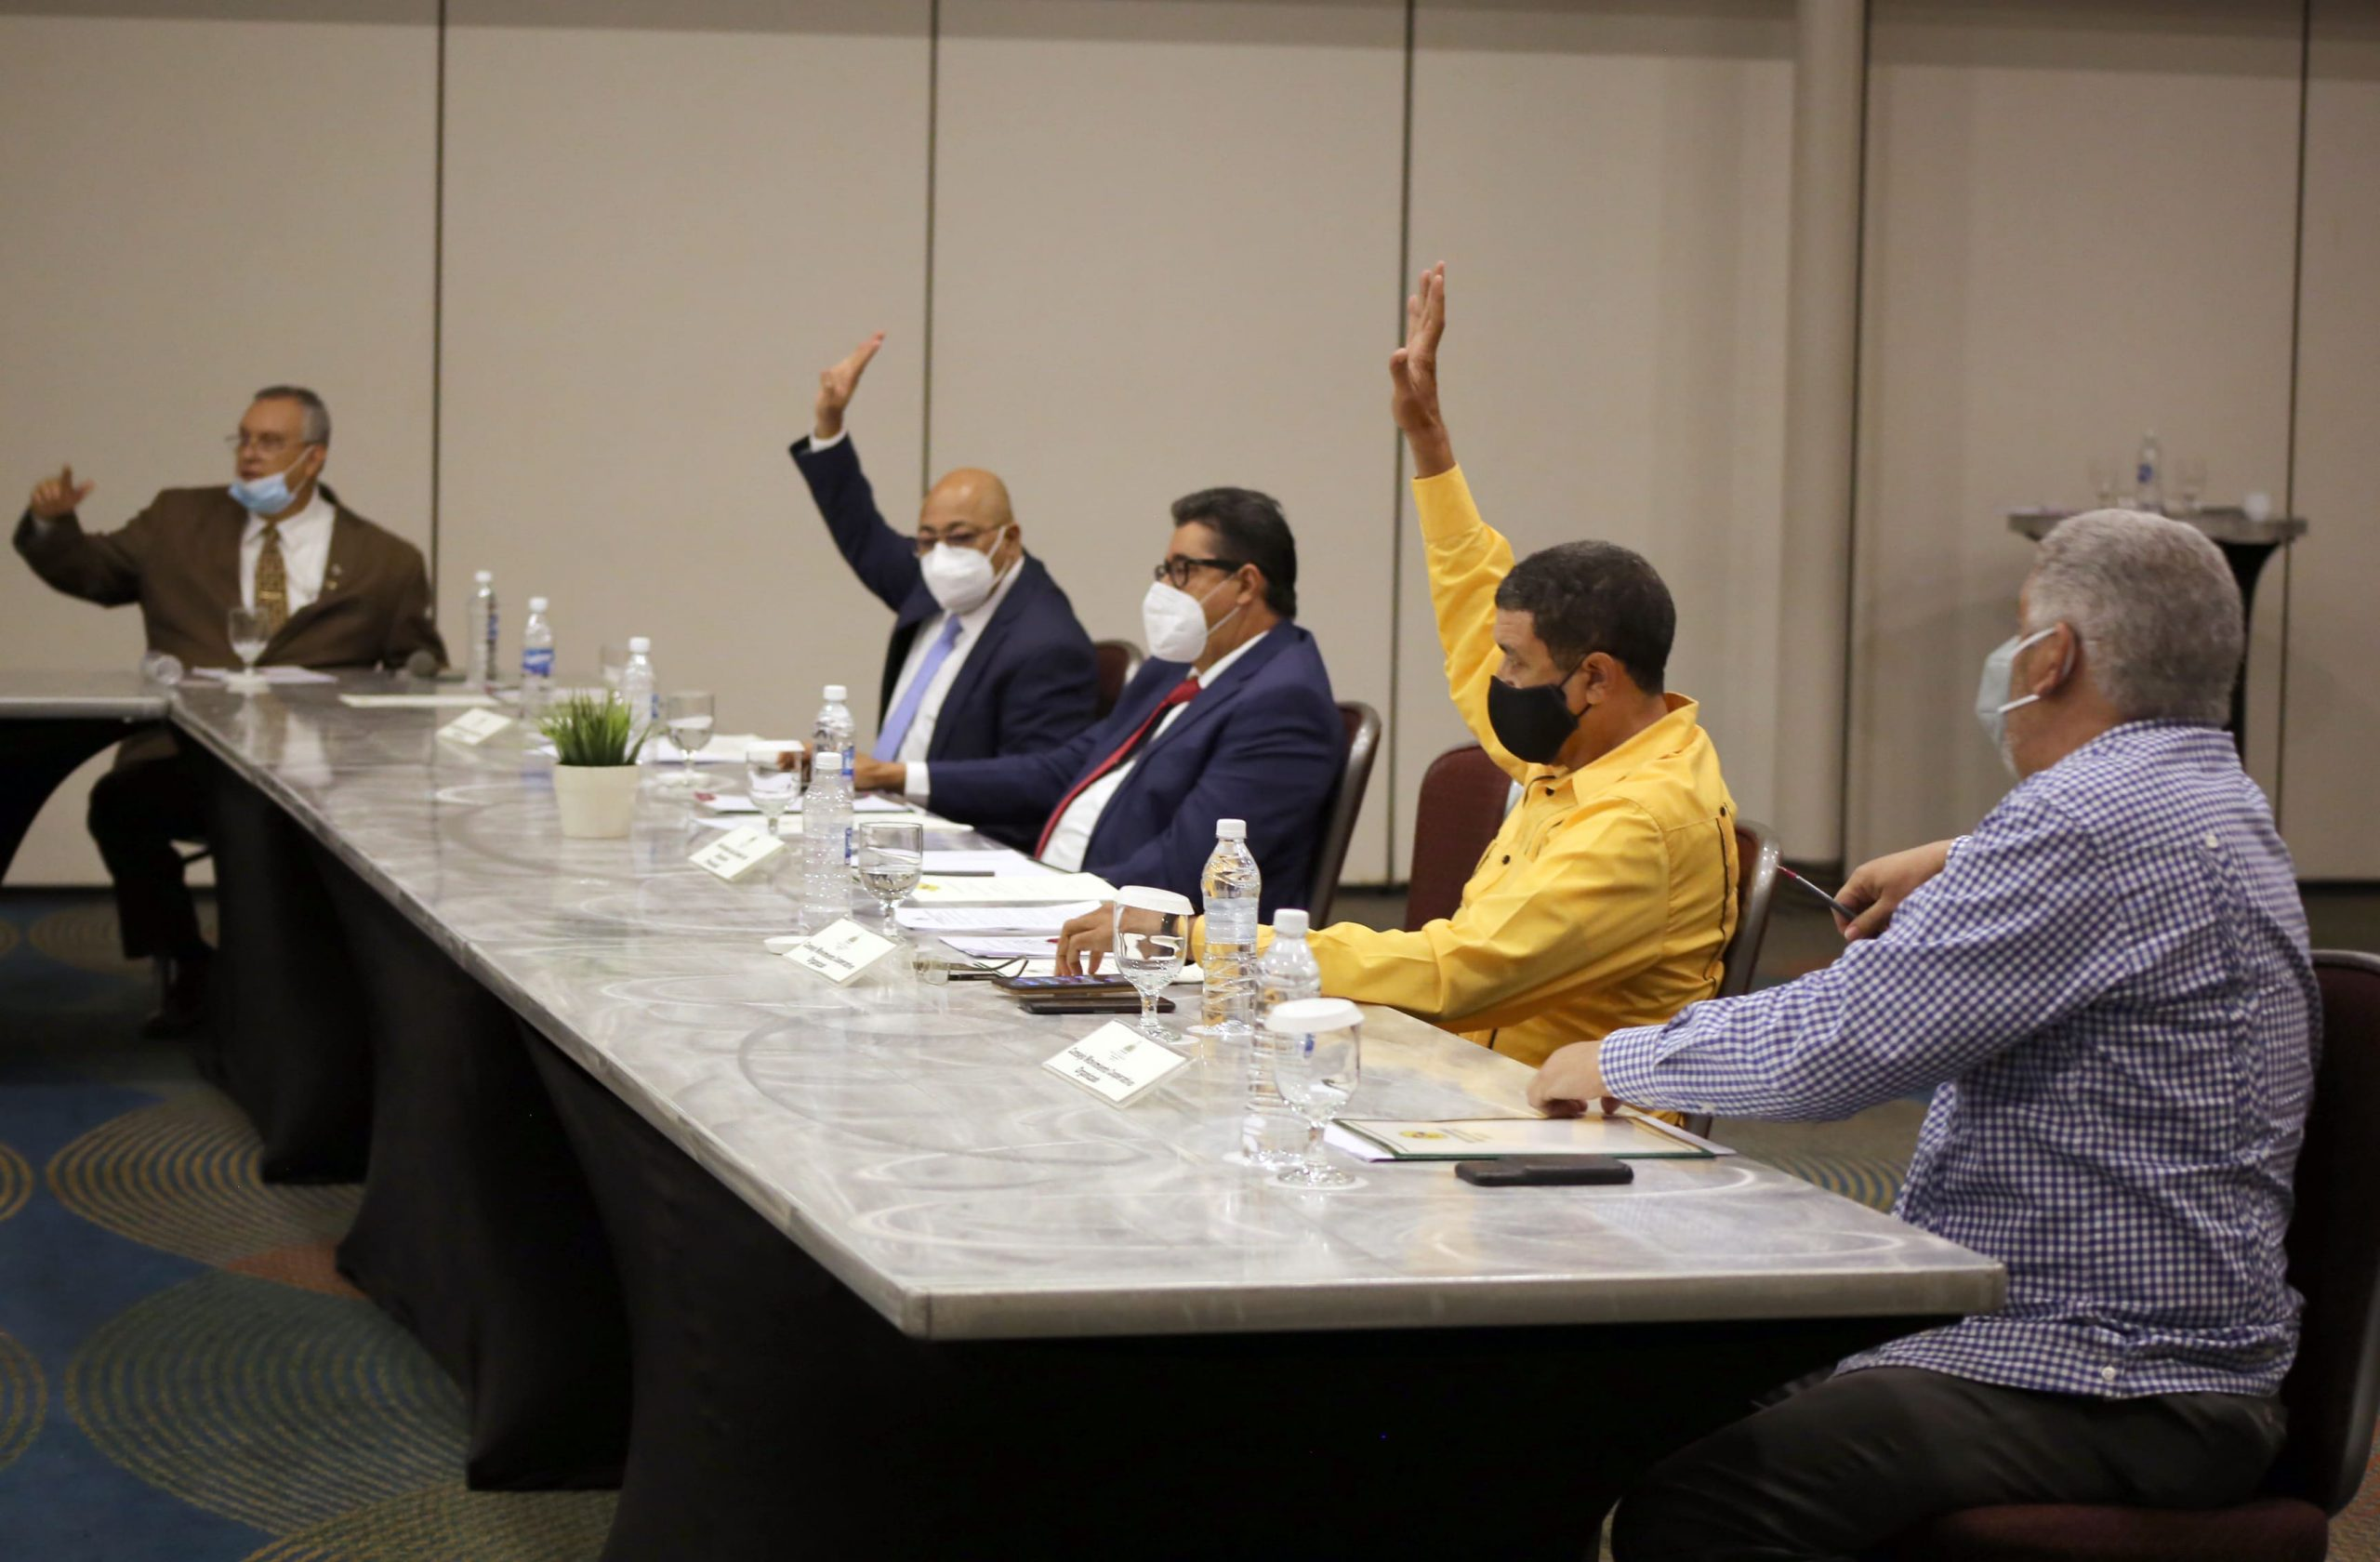 Deroga IDECOOP resolución autoriza celebración asambleas virtuales